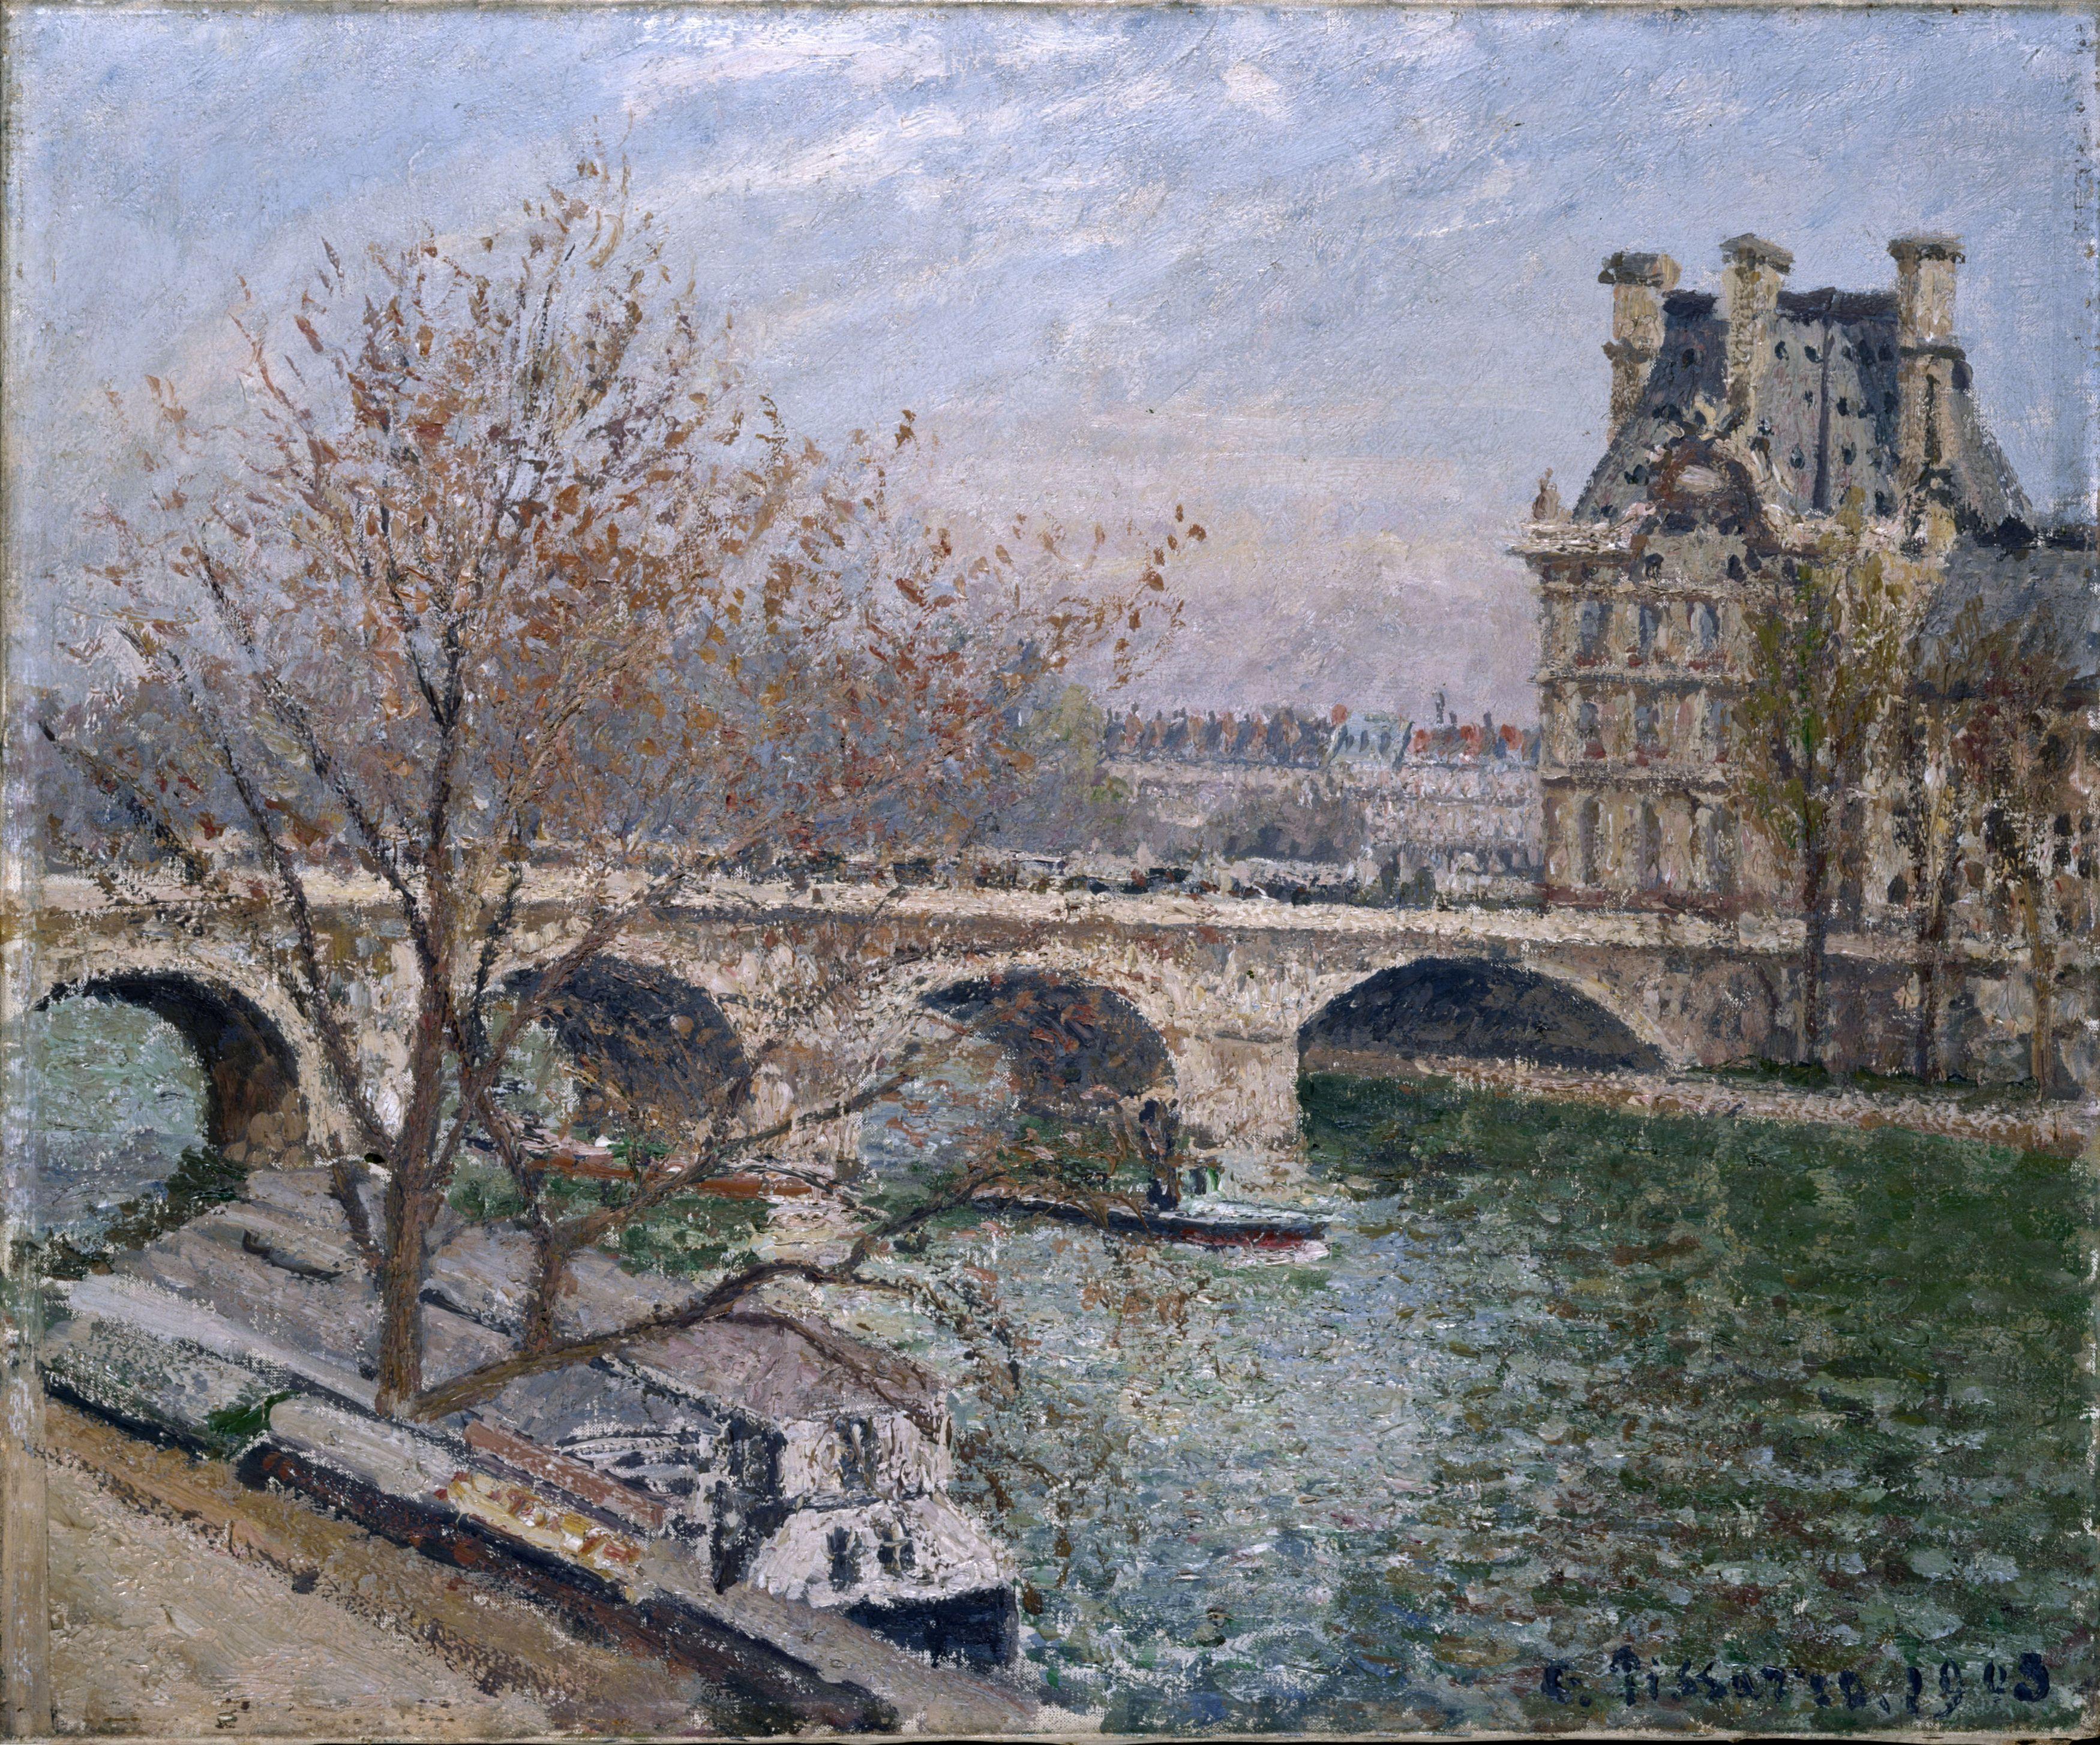 Le Pont Royal et le Pavillon de Flore de Camille Pissaro